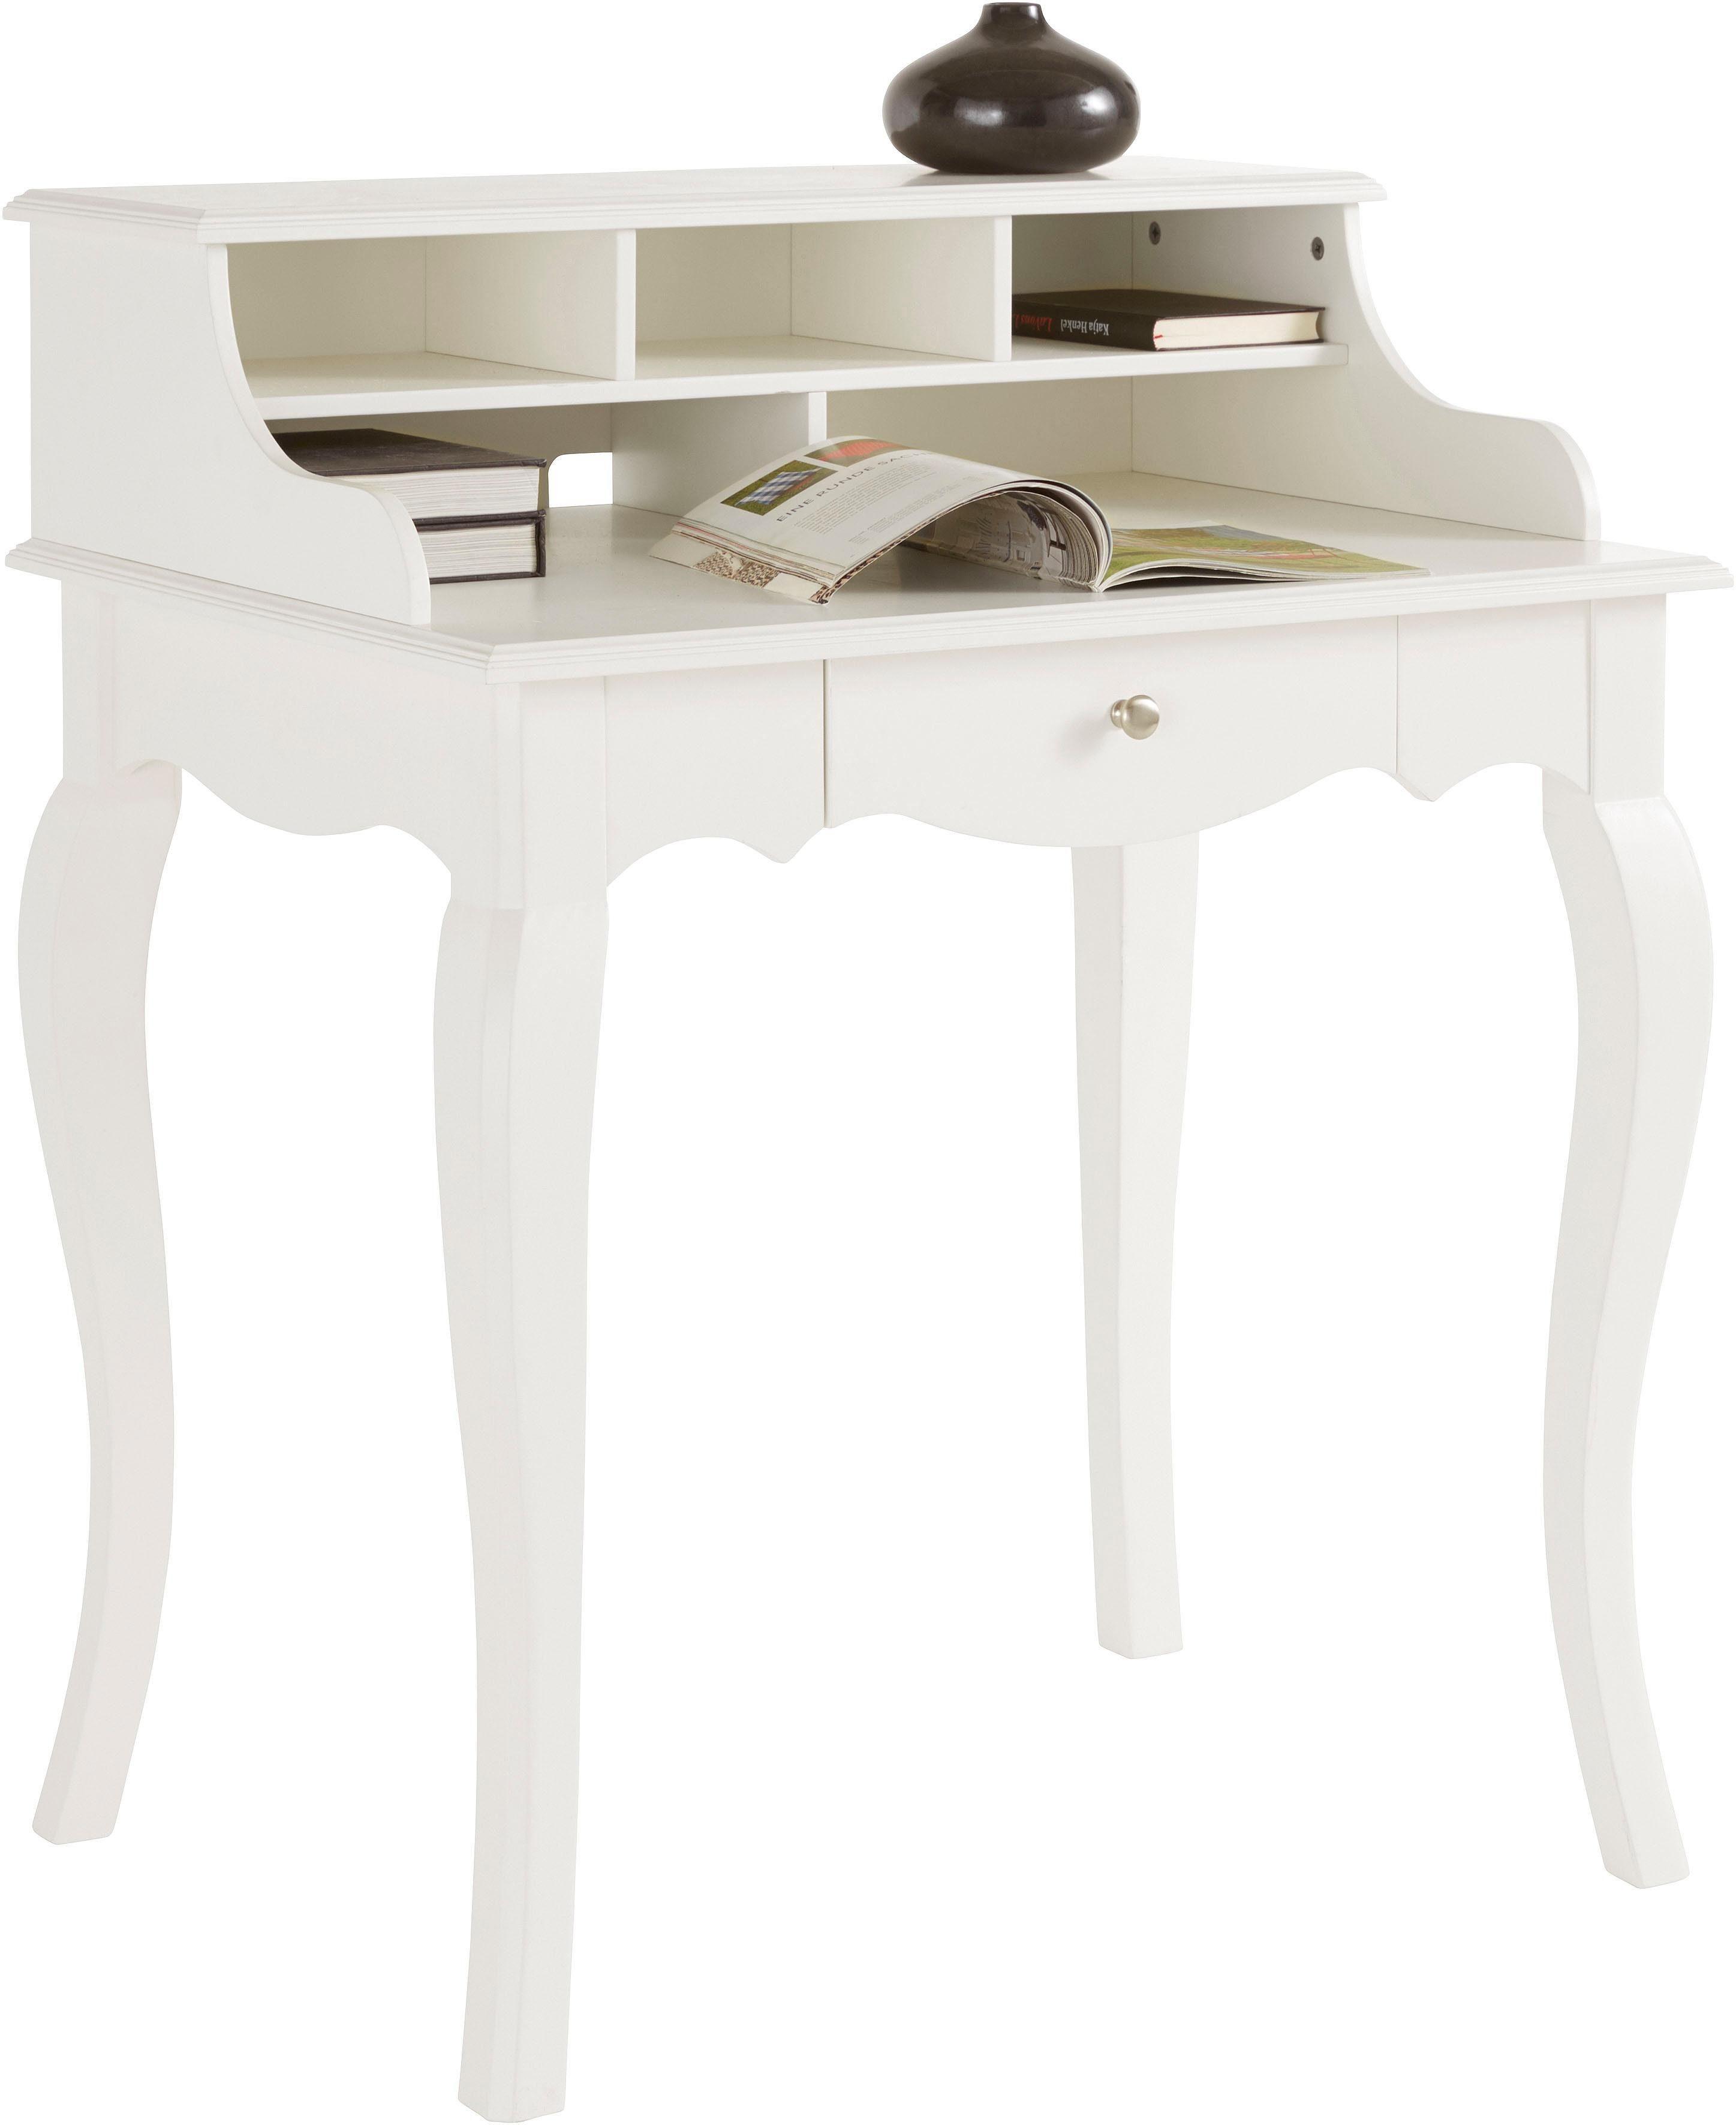 Home affaire Schreibtisch im Landhaus-Stil, Breite 80 cm